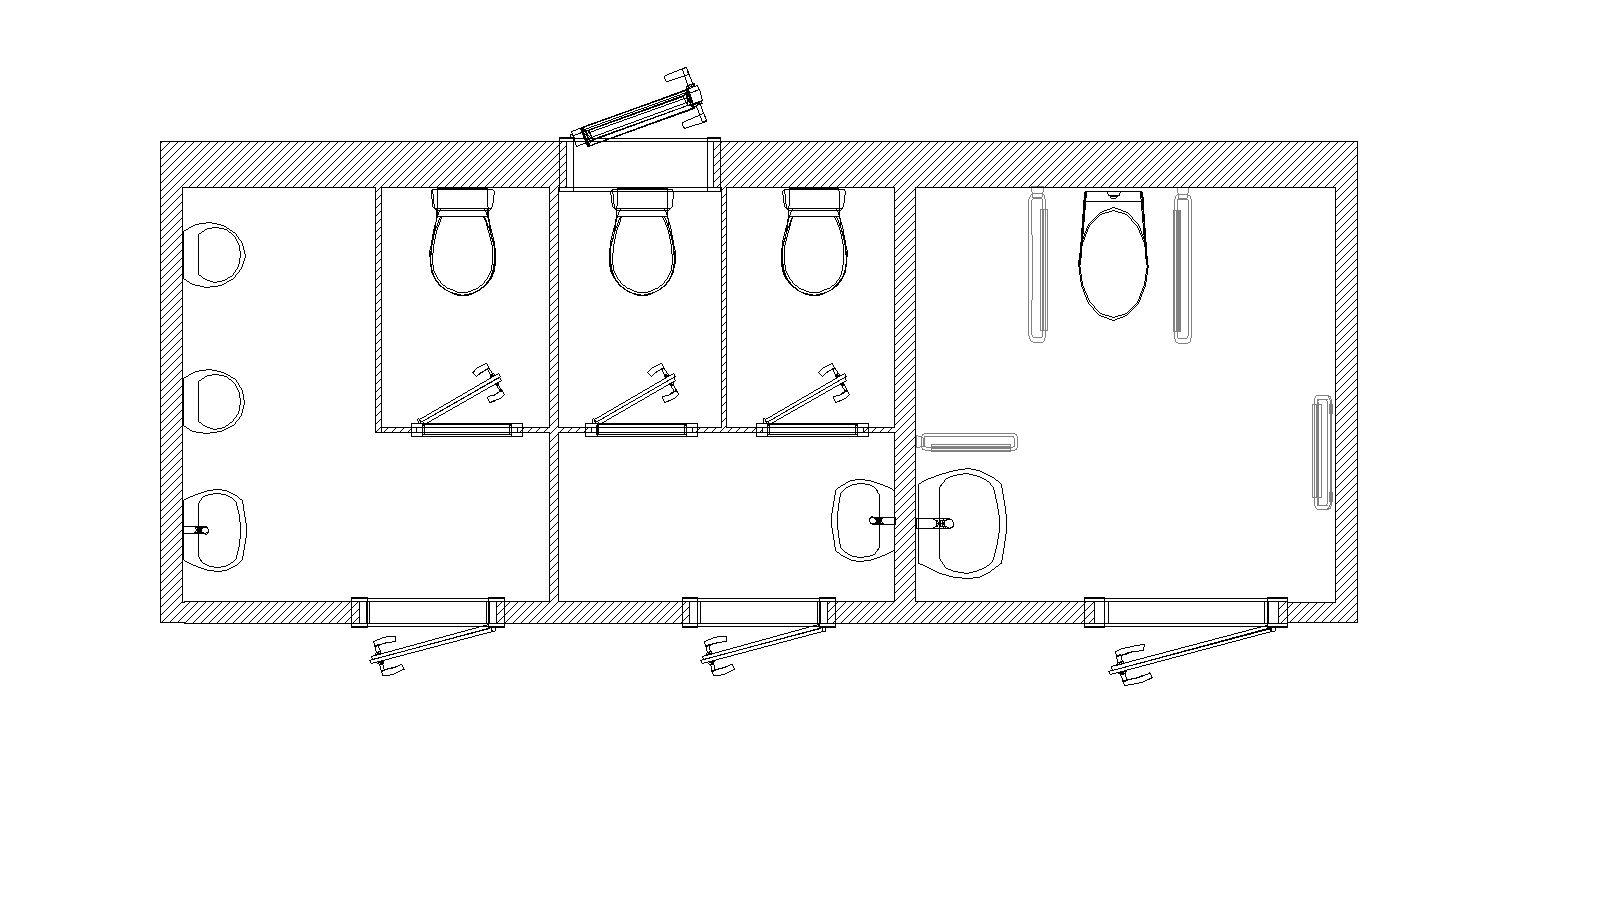 Hervorragend Produktkatalog - Toilettenanlage L 650 SB behindertengerecht OE54